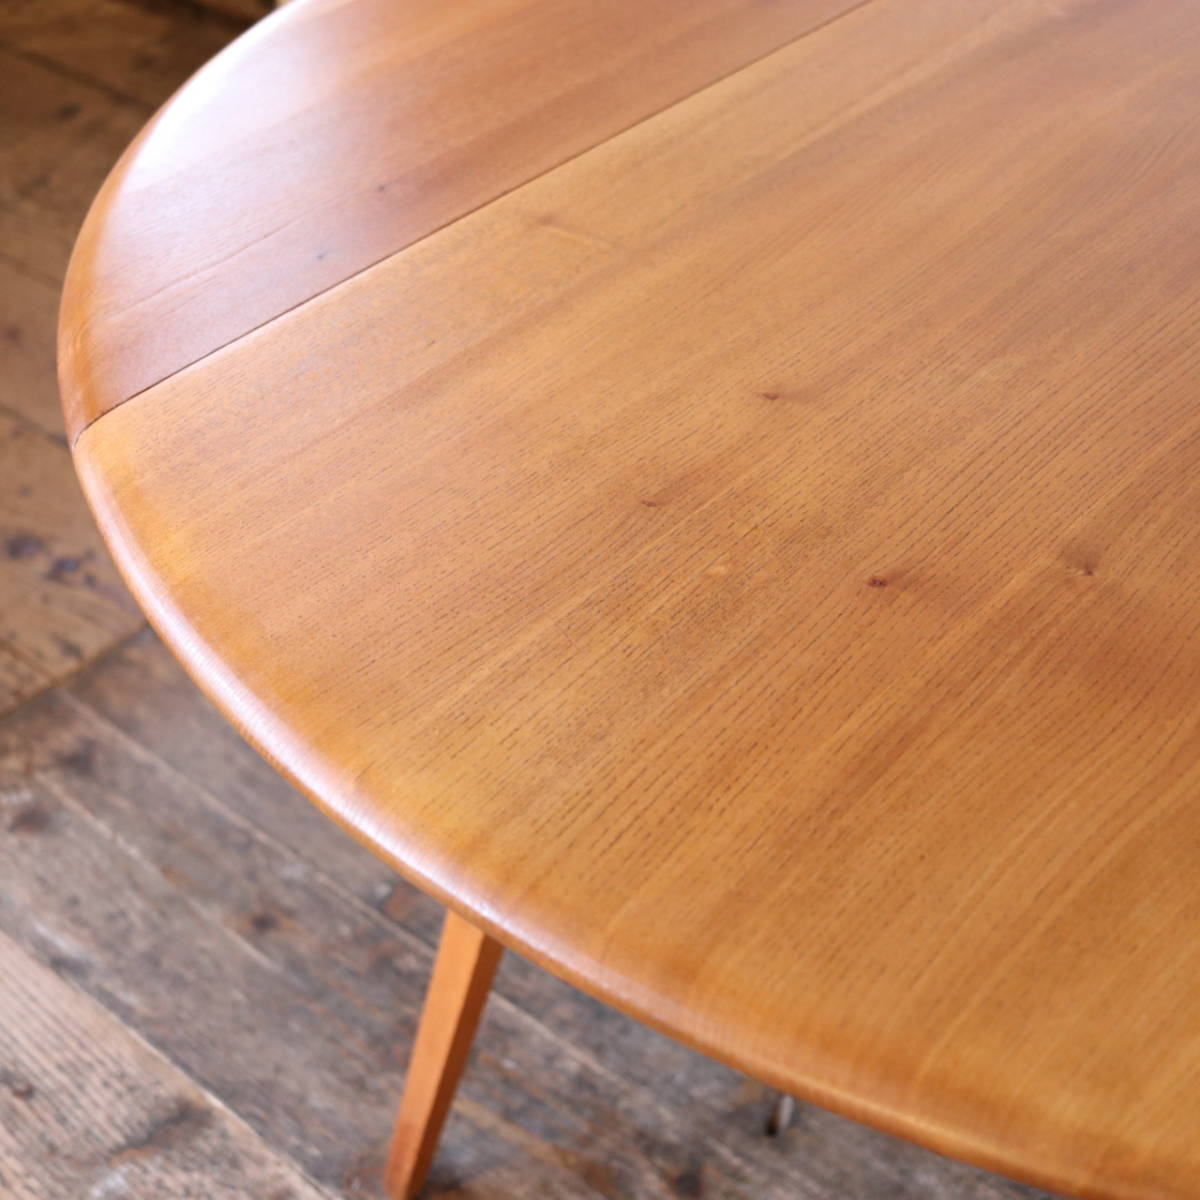 【天板剥離・塗装済】美品 イギリス ERCOL ビンテージ ドロップリーフテーブル/G PLAN テーブル アーコール アンティーク 北欧 店舗什器_画像7